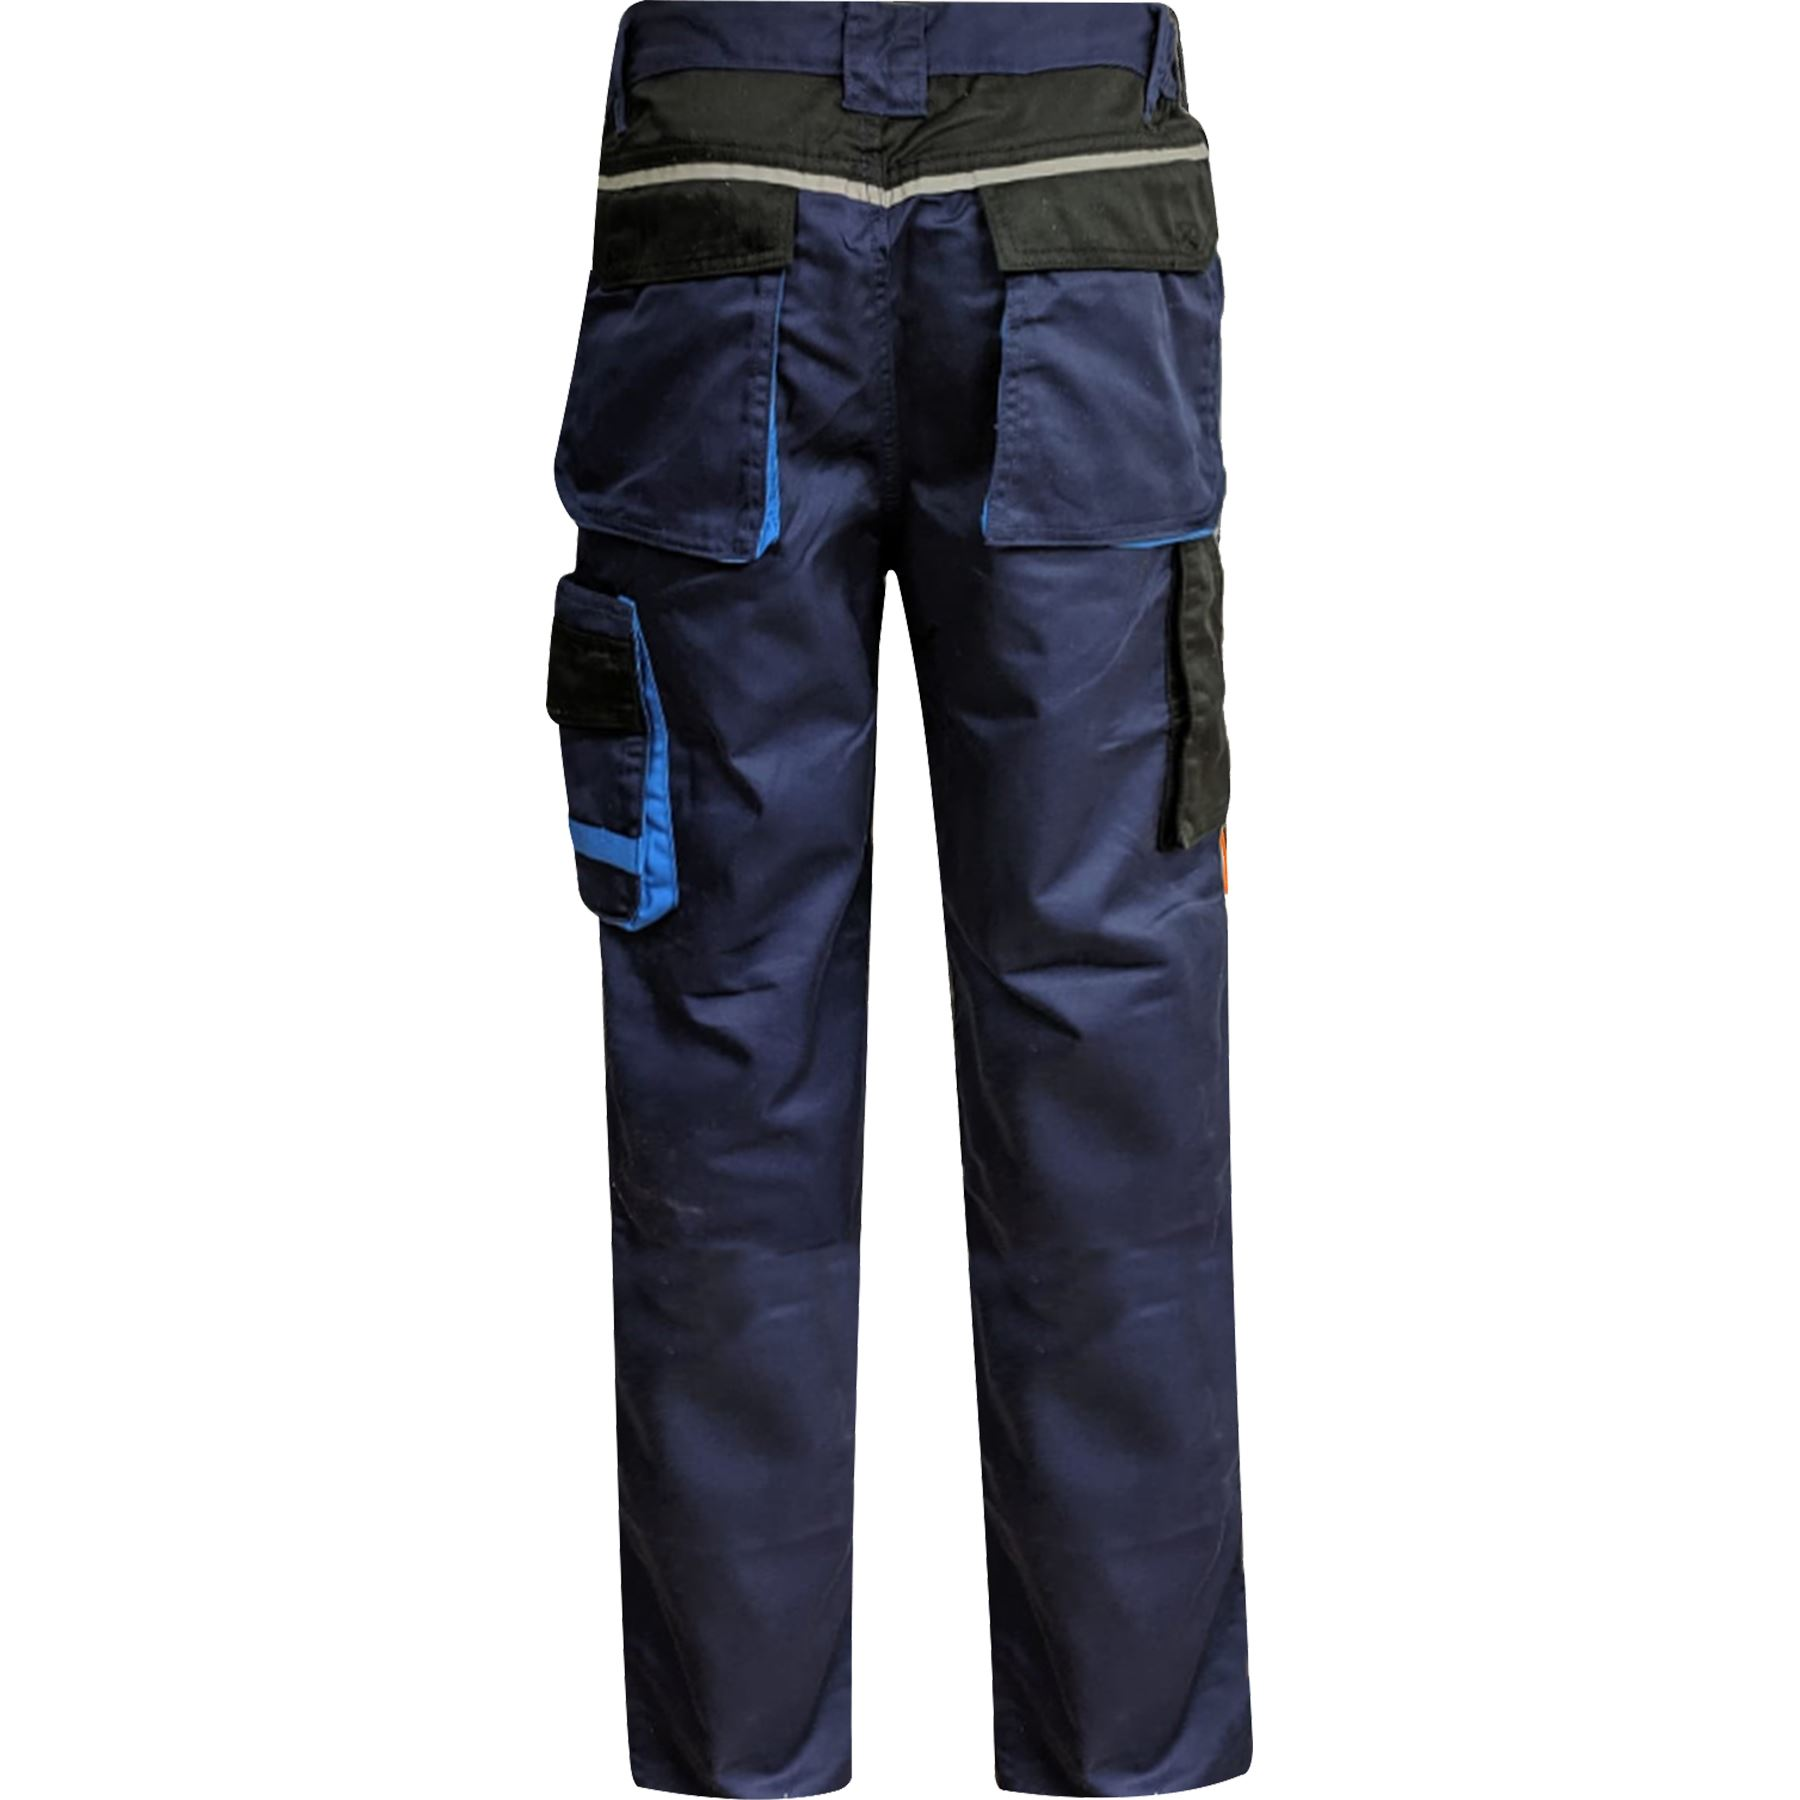 Para-Hombre-Elastico-Cargo-Pantalones-De-Trabajo-Cordura-Resistente-Rodilleras-Bolsillos-Hi-Vis miniatura 7